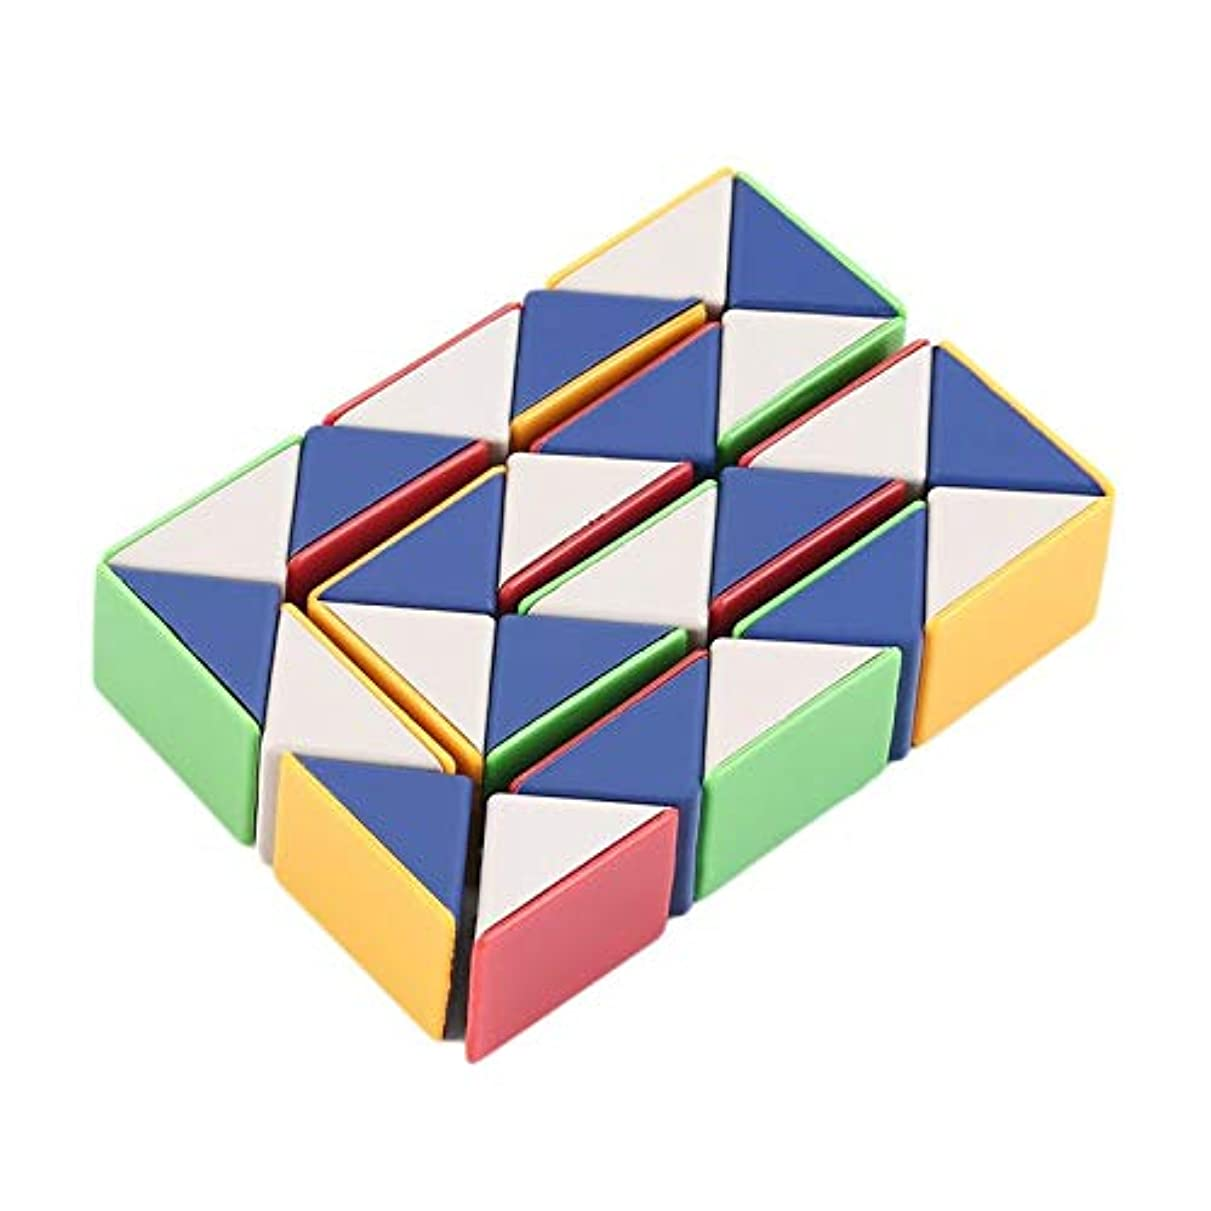 最初に入場料急速なTumdem スネークマジック3Dキューブゲームパズルツイストおもちゃパーティー旅行家族子供ギフト子供の知性を促進するために良い